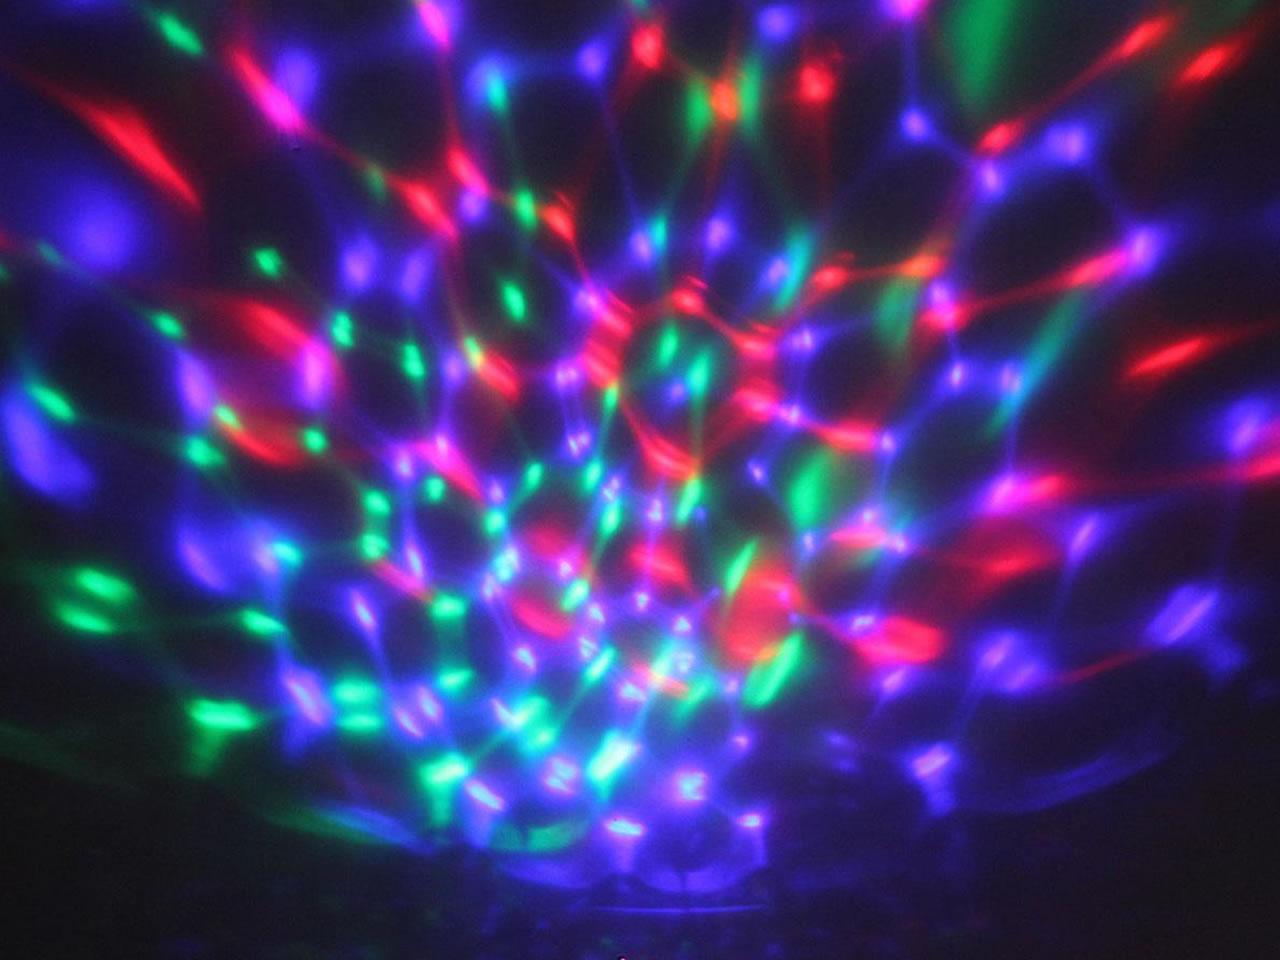 Foto 19 - Rotační nabíjecí projektor hvězdné oblohy s lampou 3v1